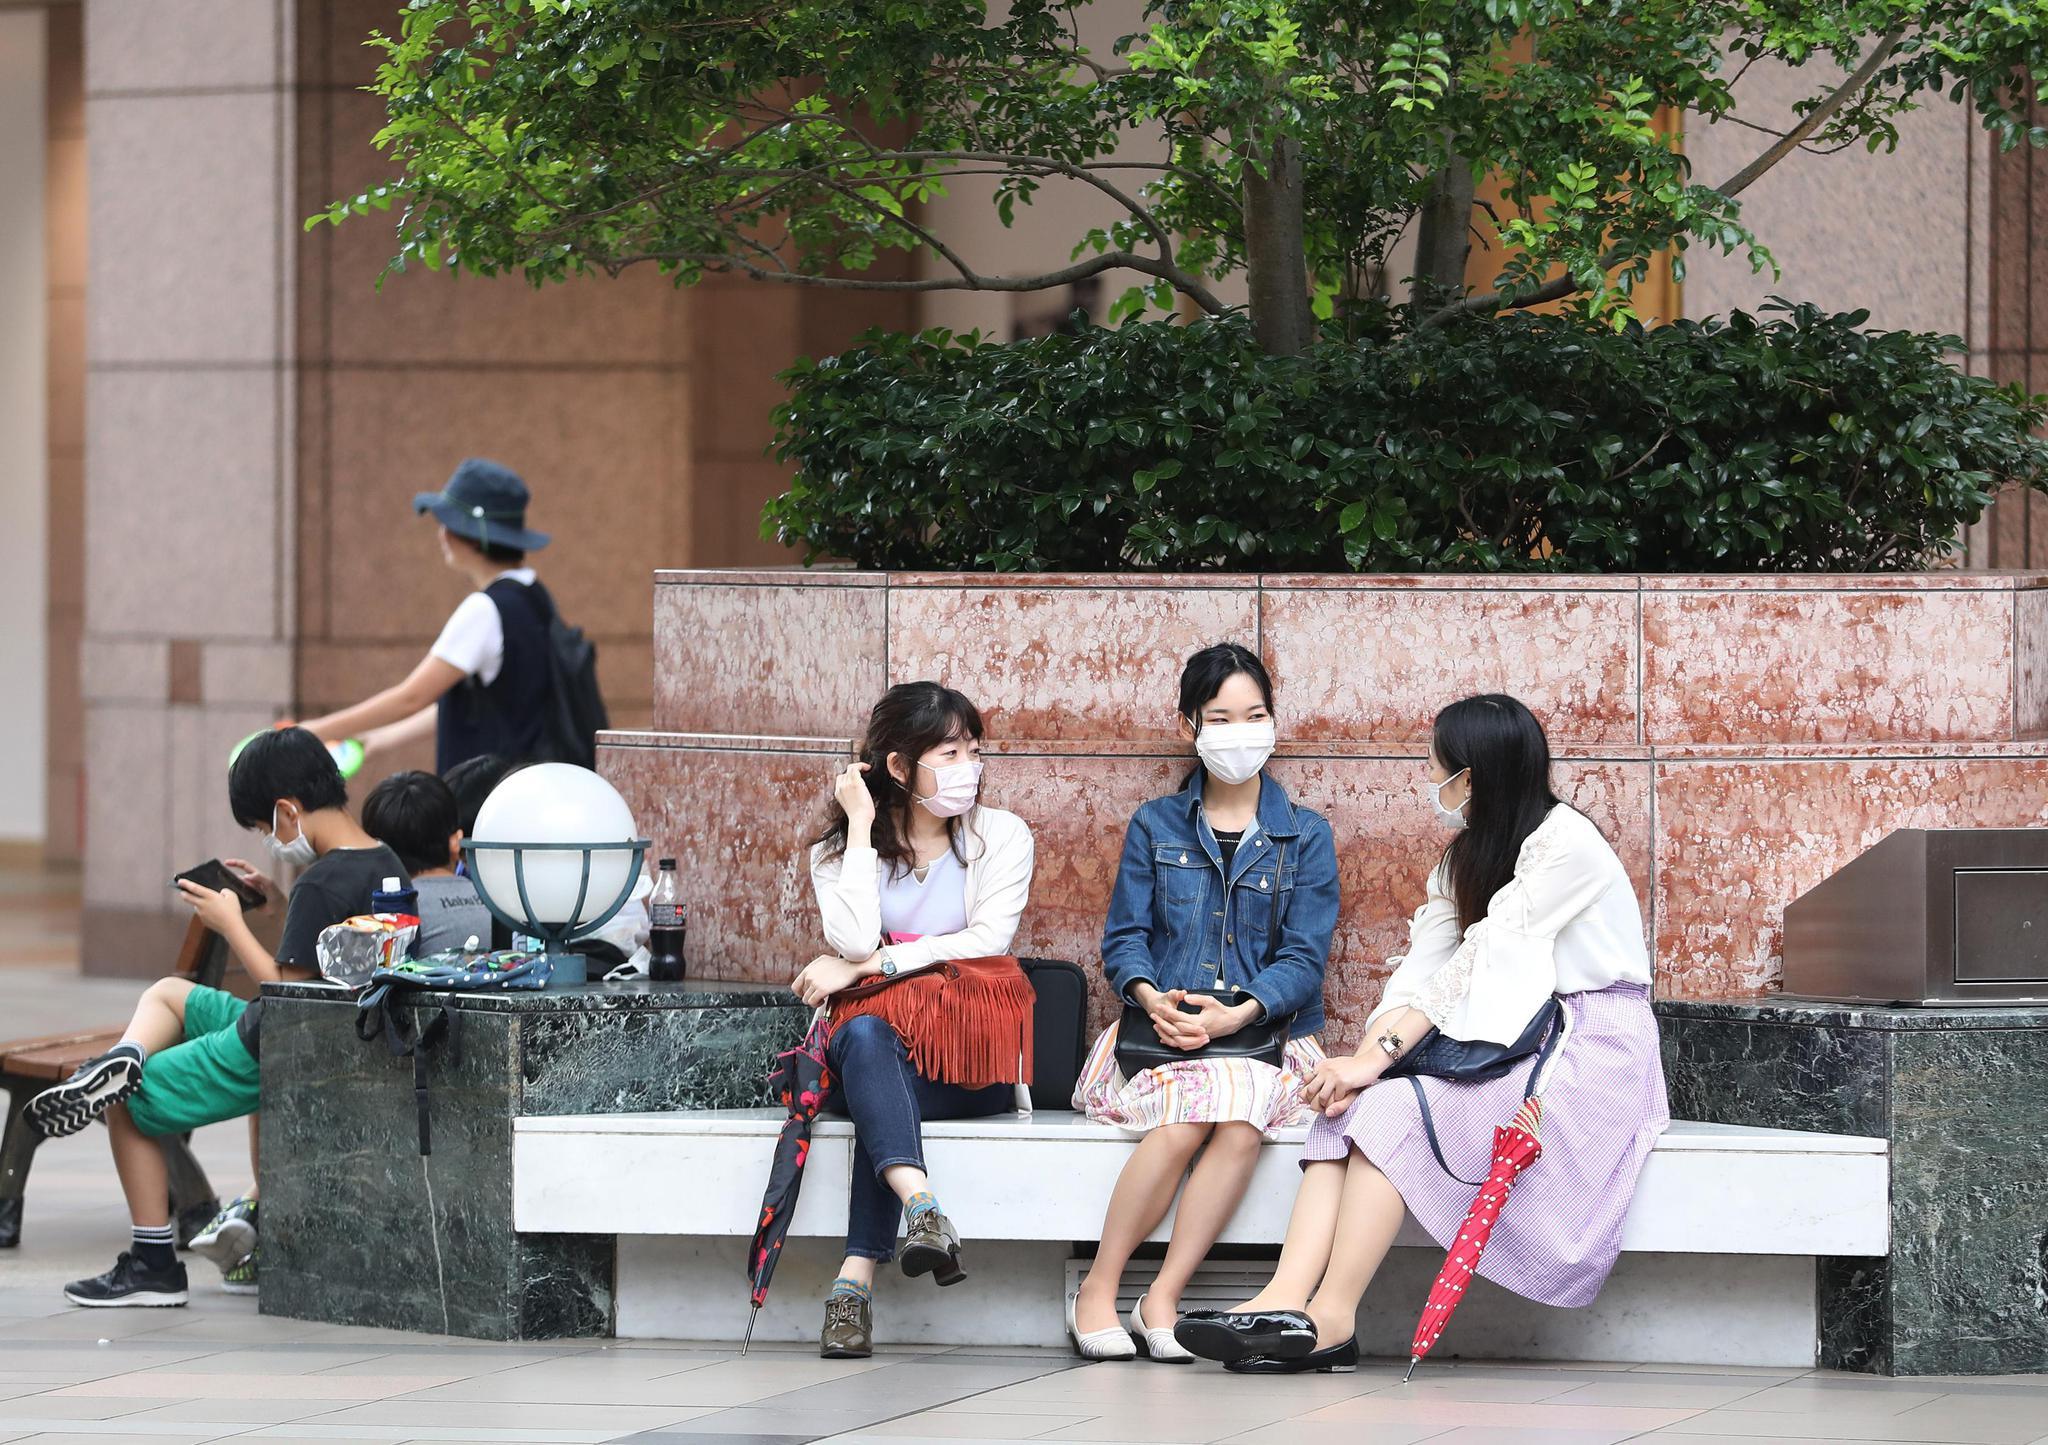 调查显示日本夫妻希望早些婚育